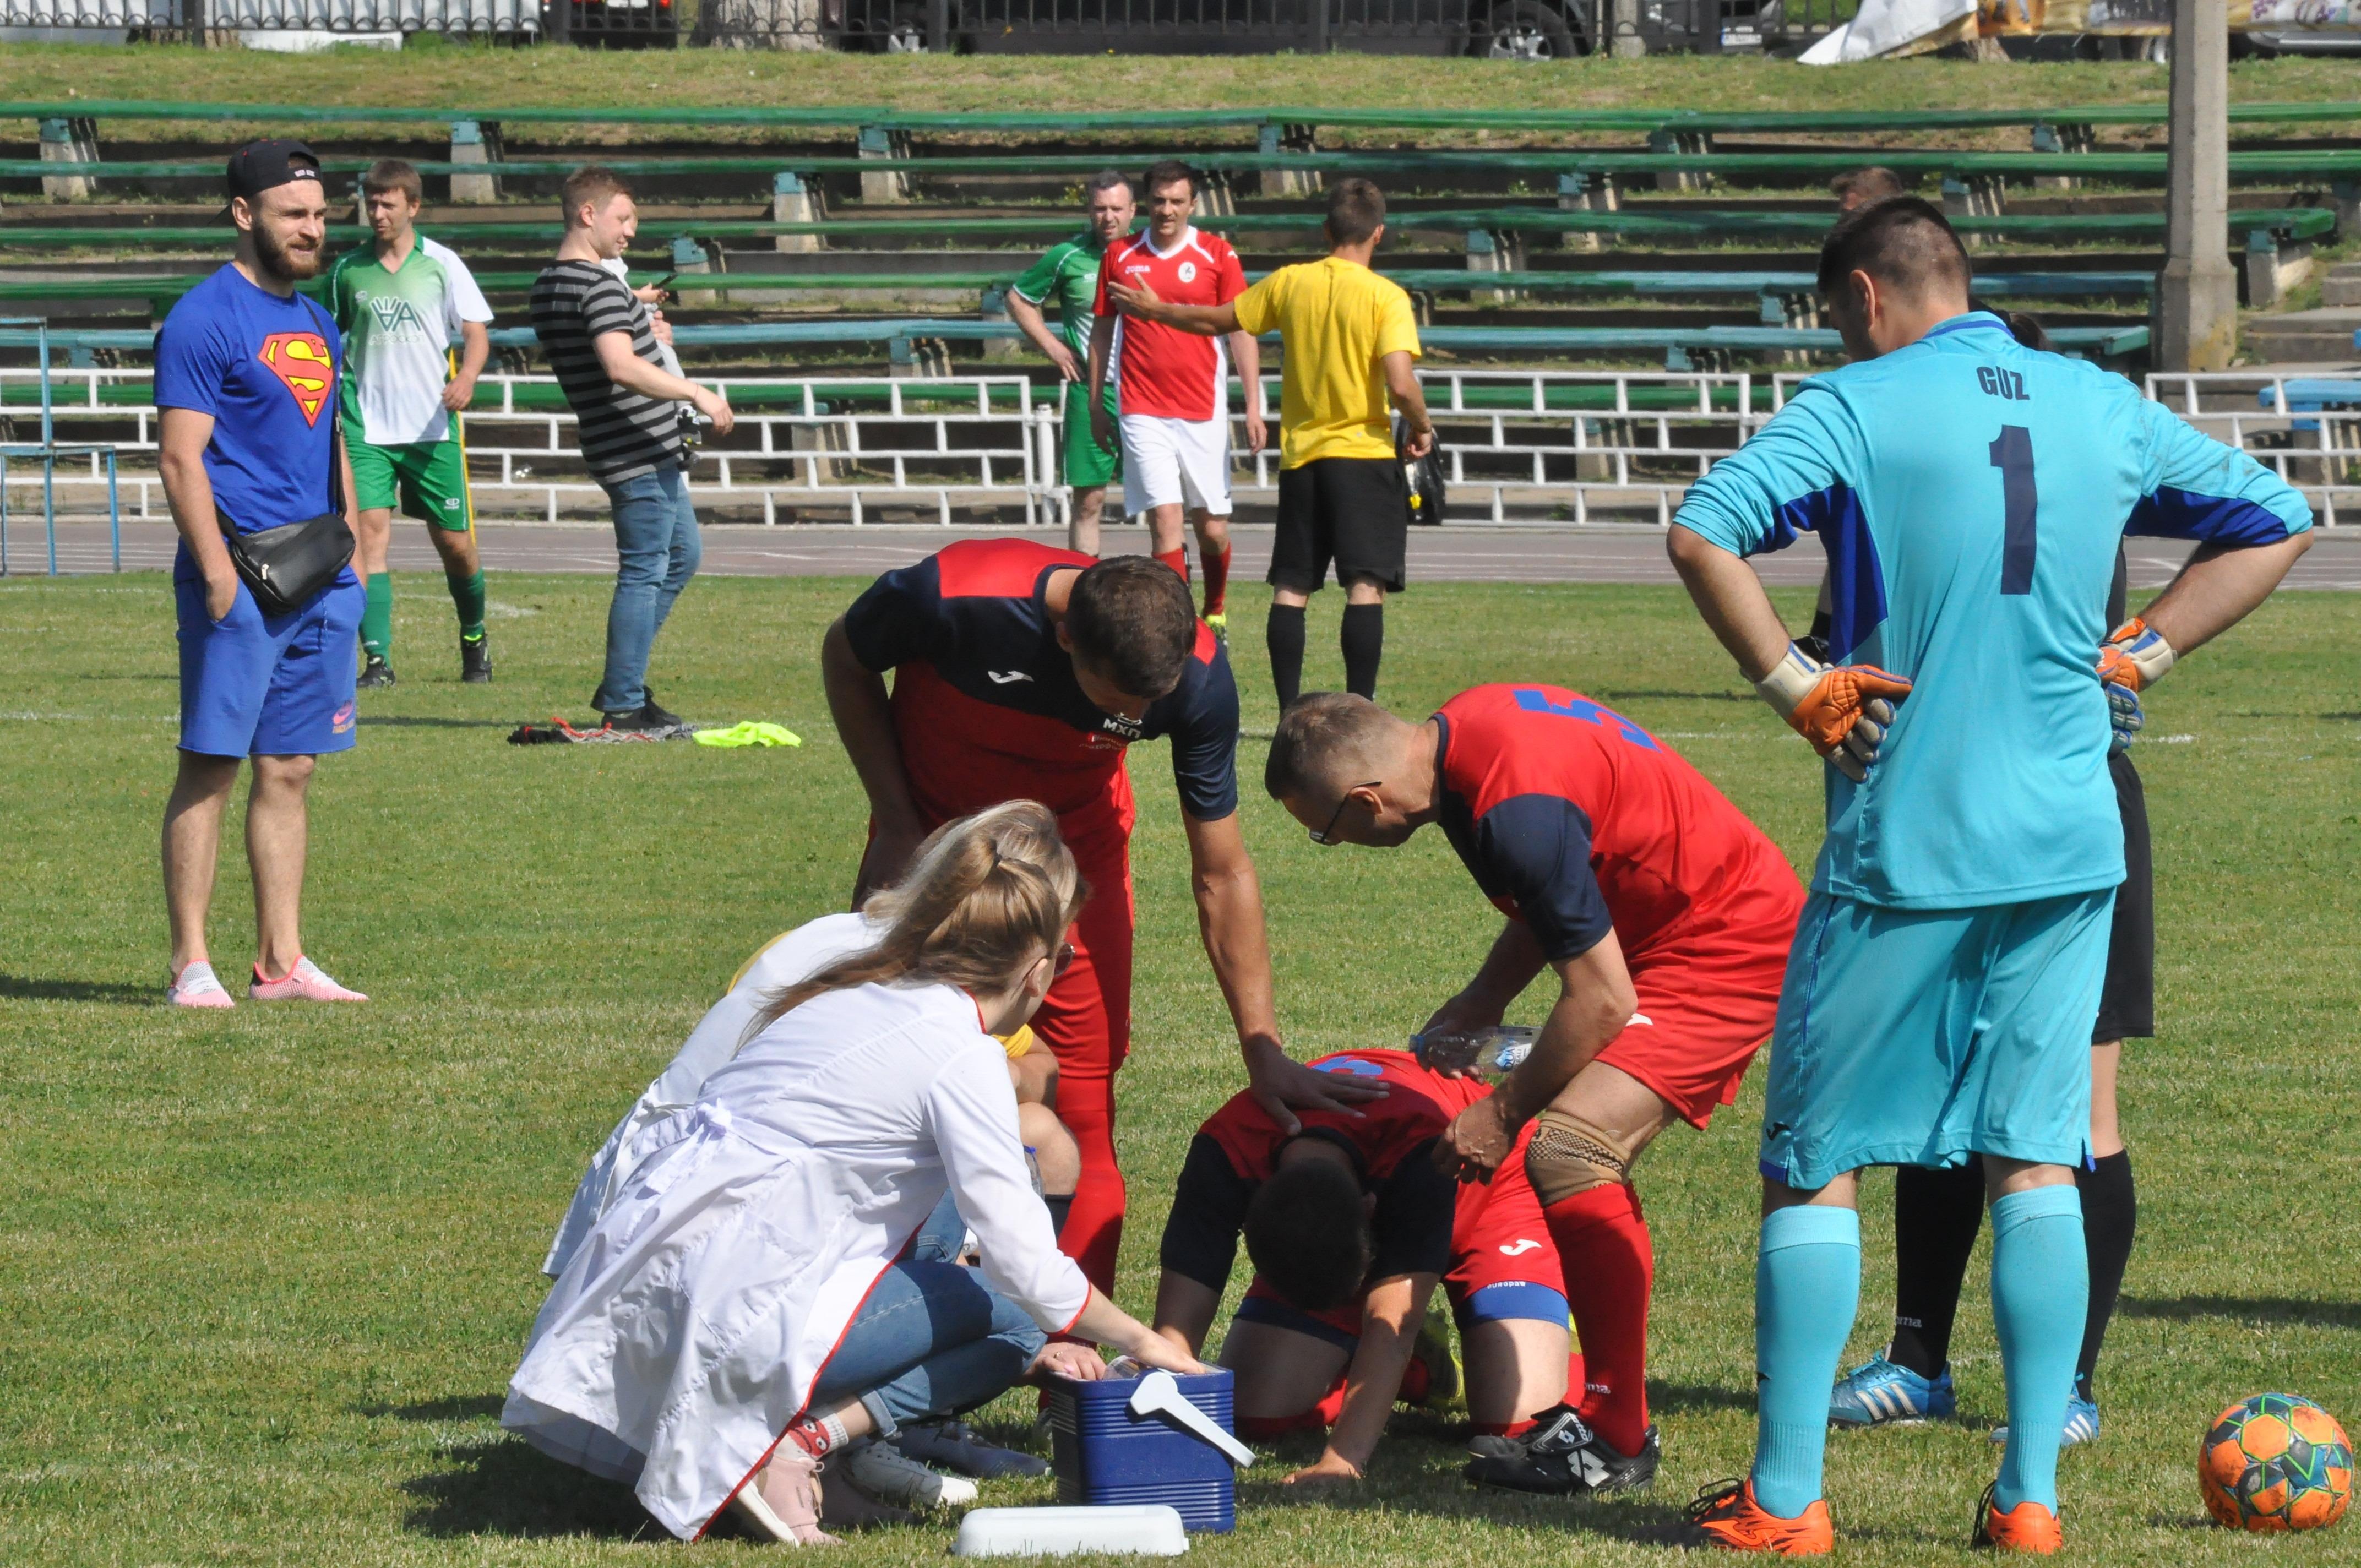 В Киеве в День защиты детей стартовал футбольный турнир - изображение 4